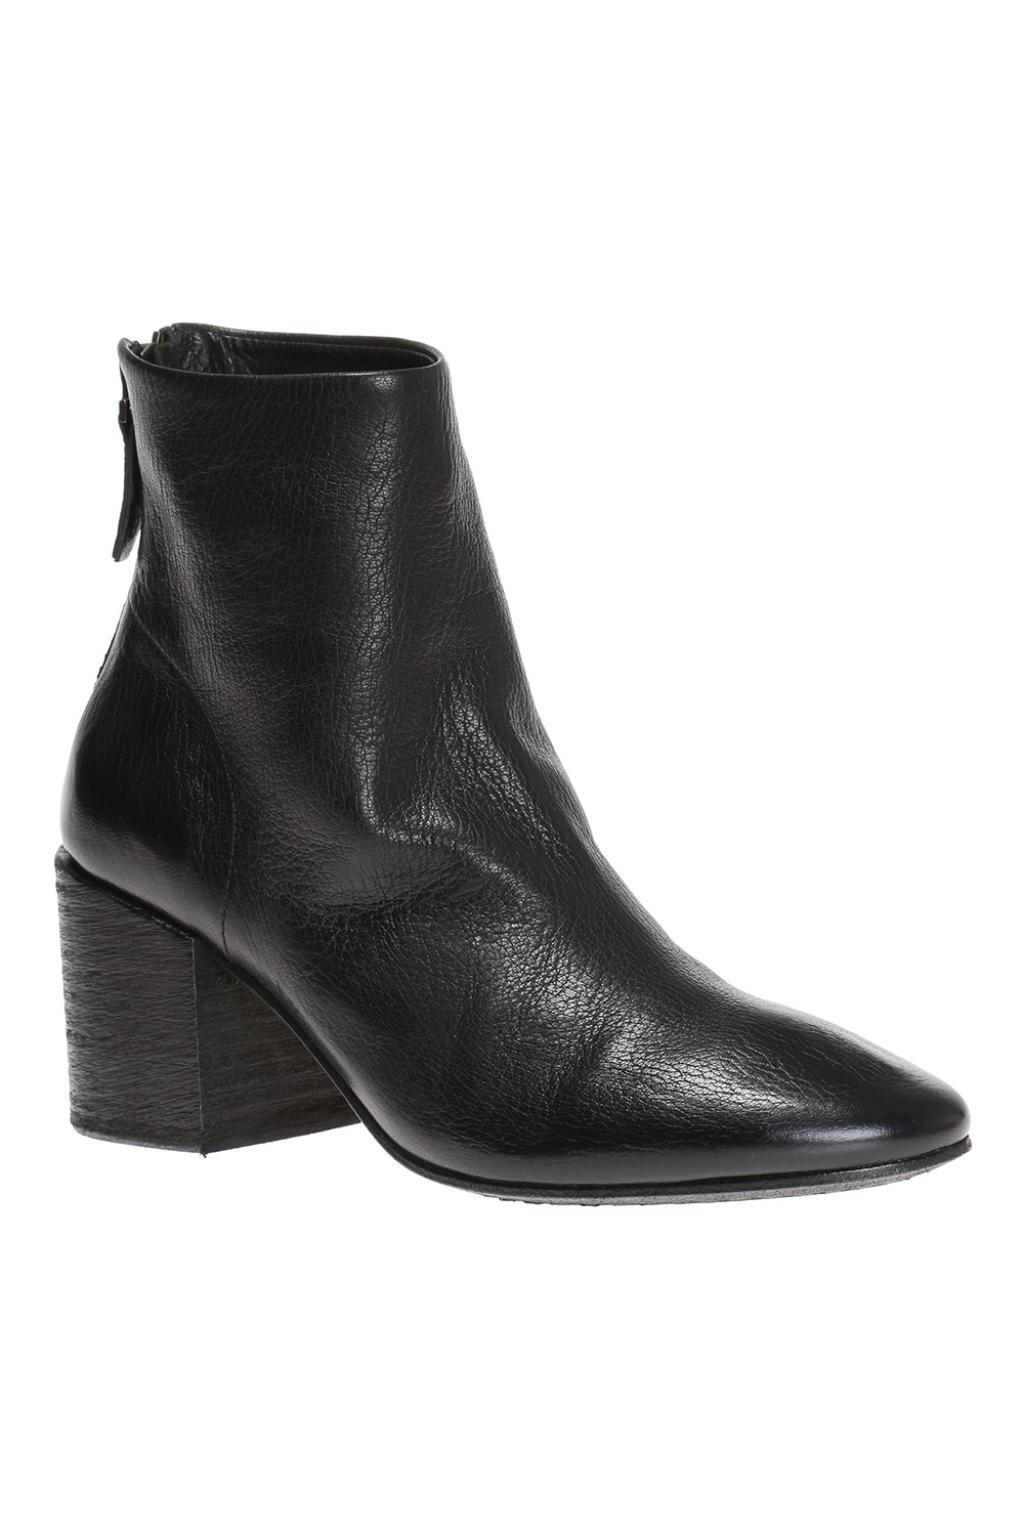 Sitios Web Baratas Nuevos Estilos Precio Barato Marsèll Cervova boots - Black farfetch neri Inverno kLB5eYx